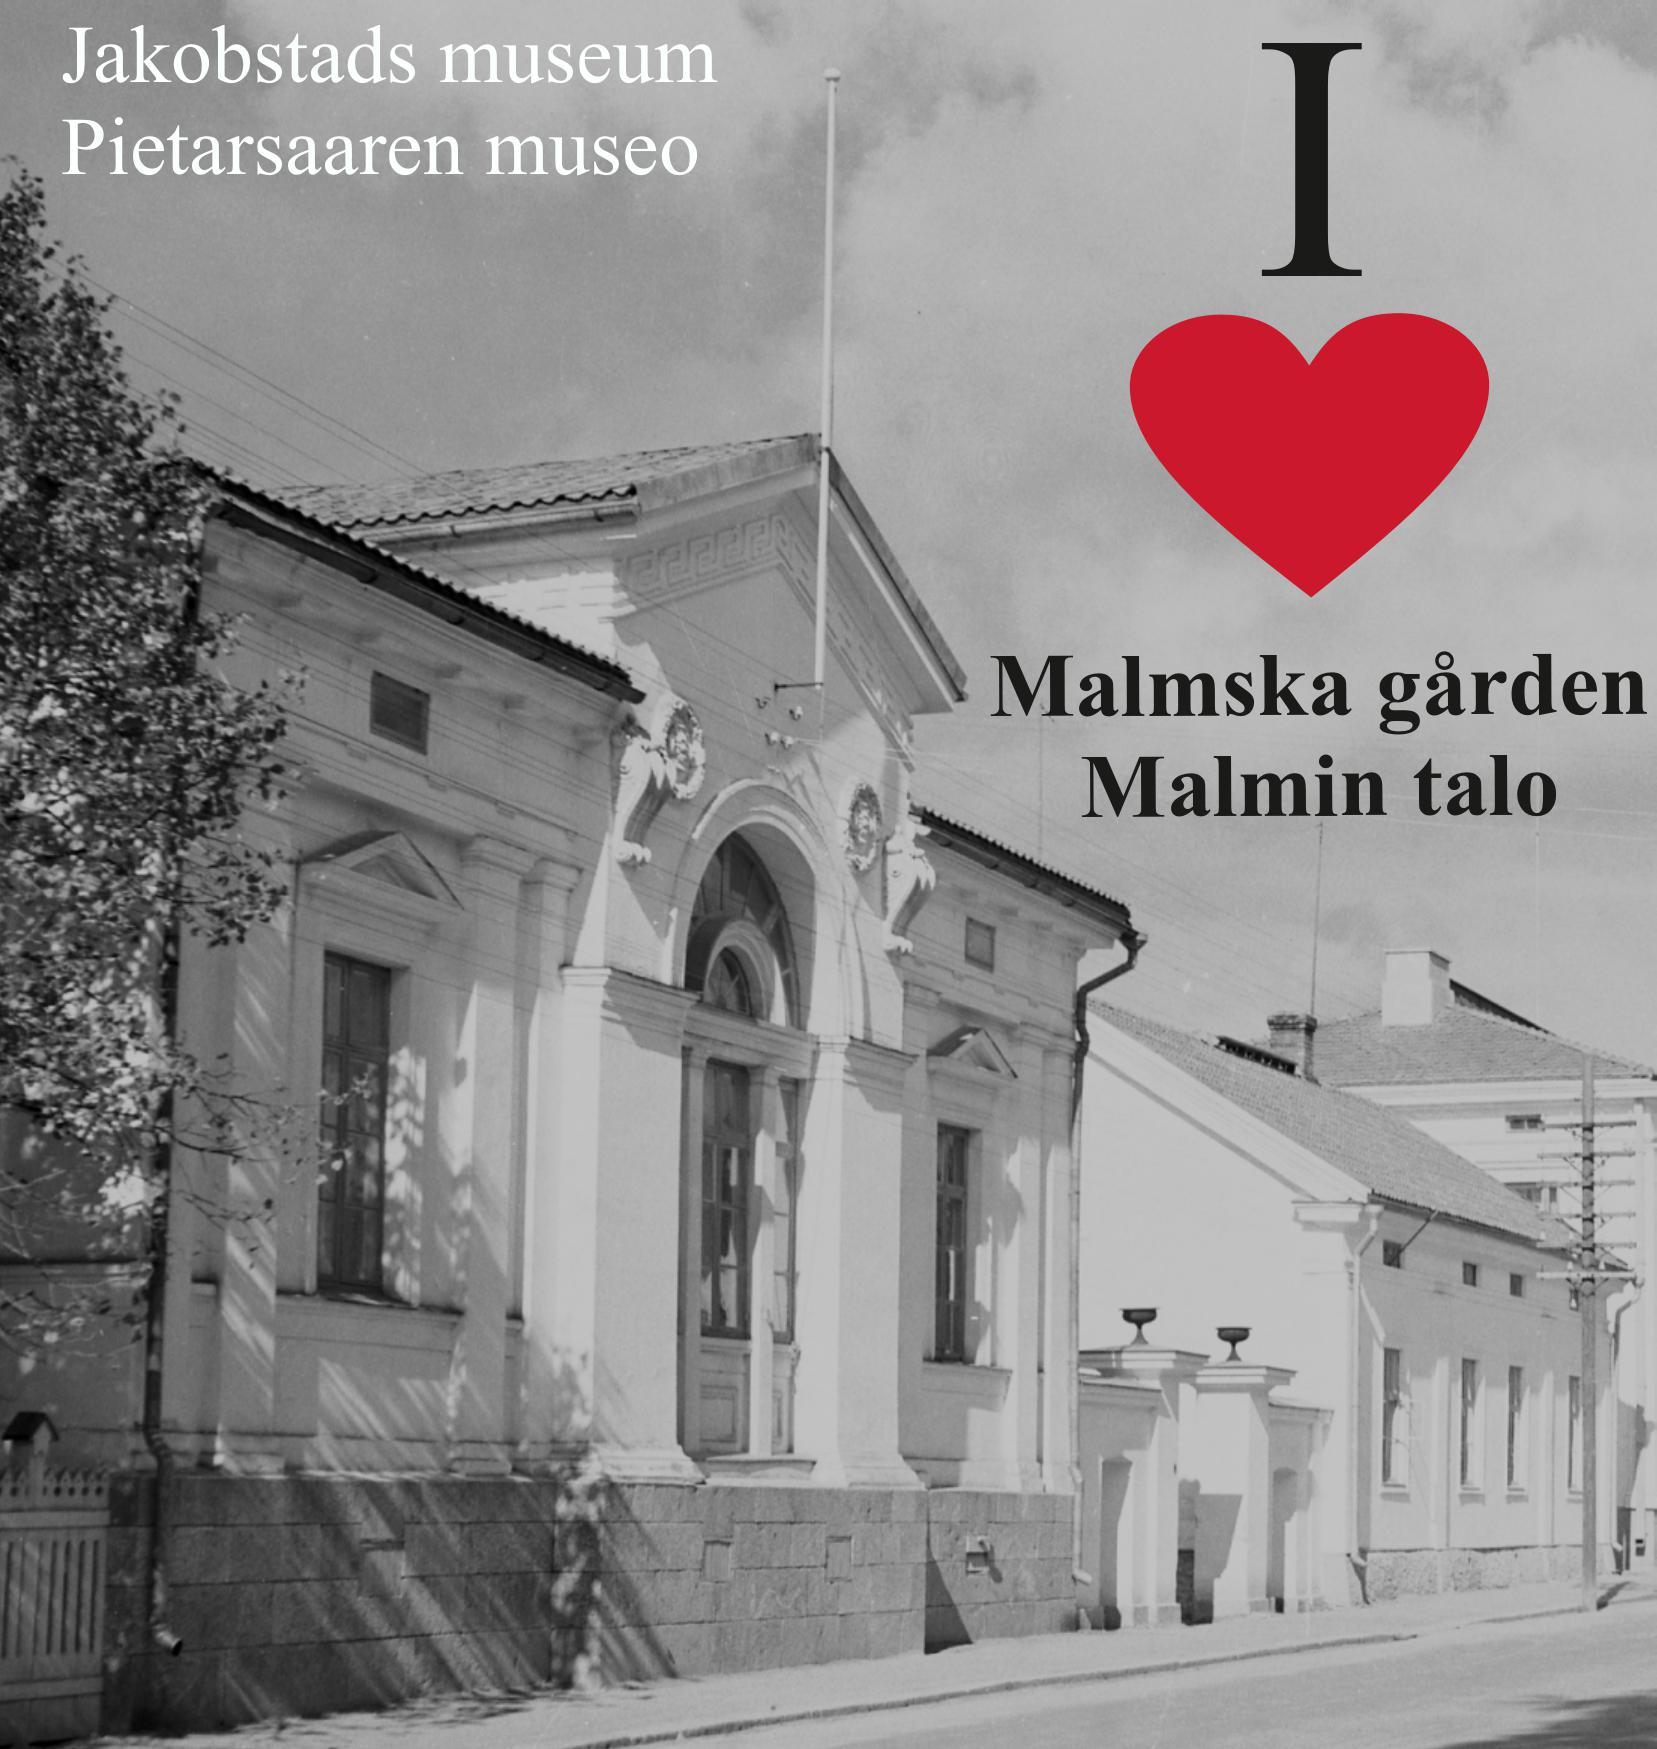 I Love Malmska Gården